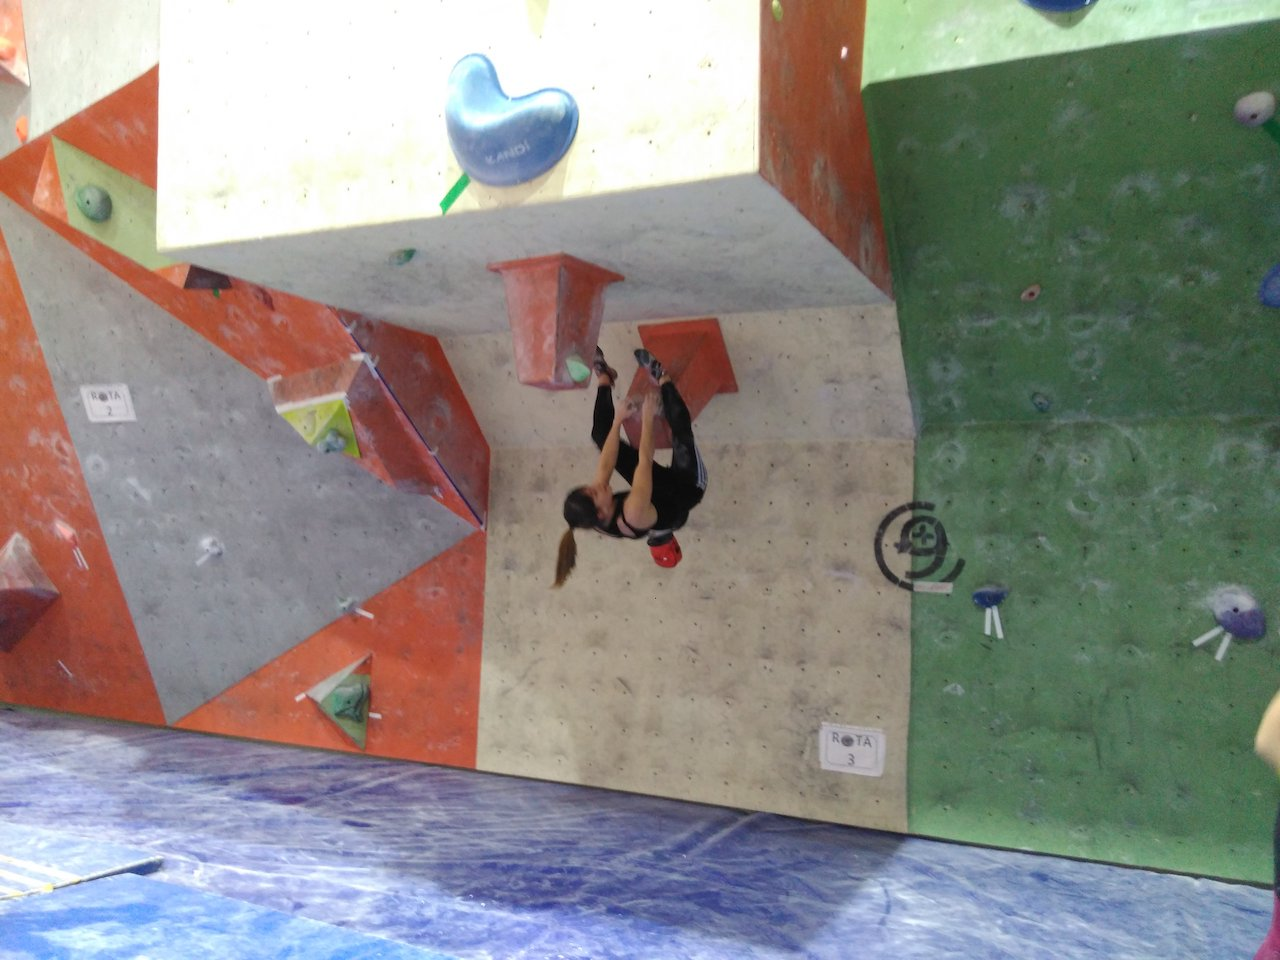 Spor Tırmanış 1. Kademe Antrenör Kursu (Temel Eğitim) - Ordu Başvuruları